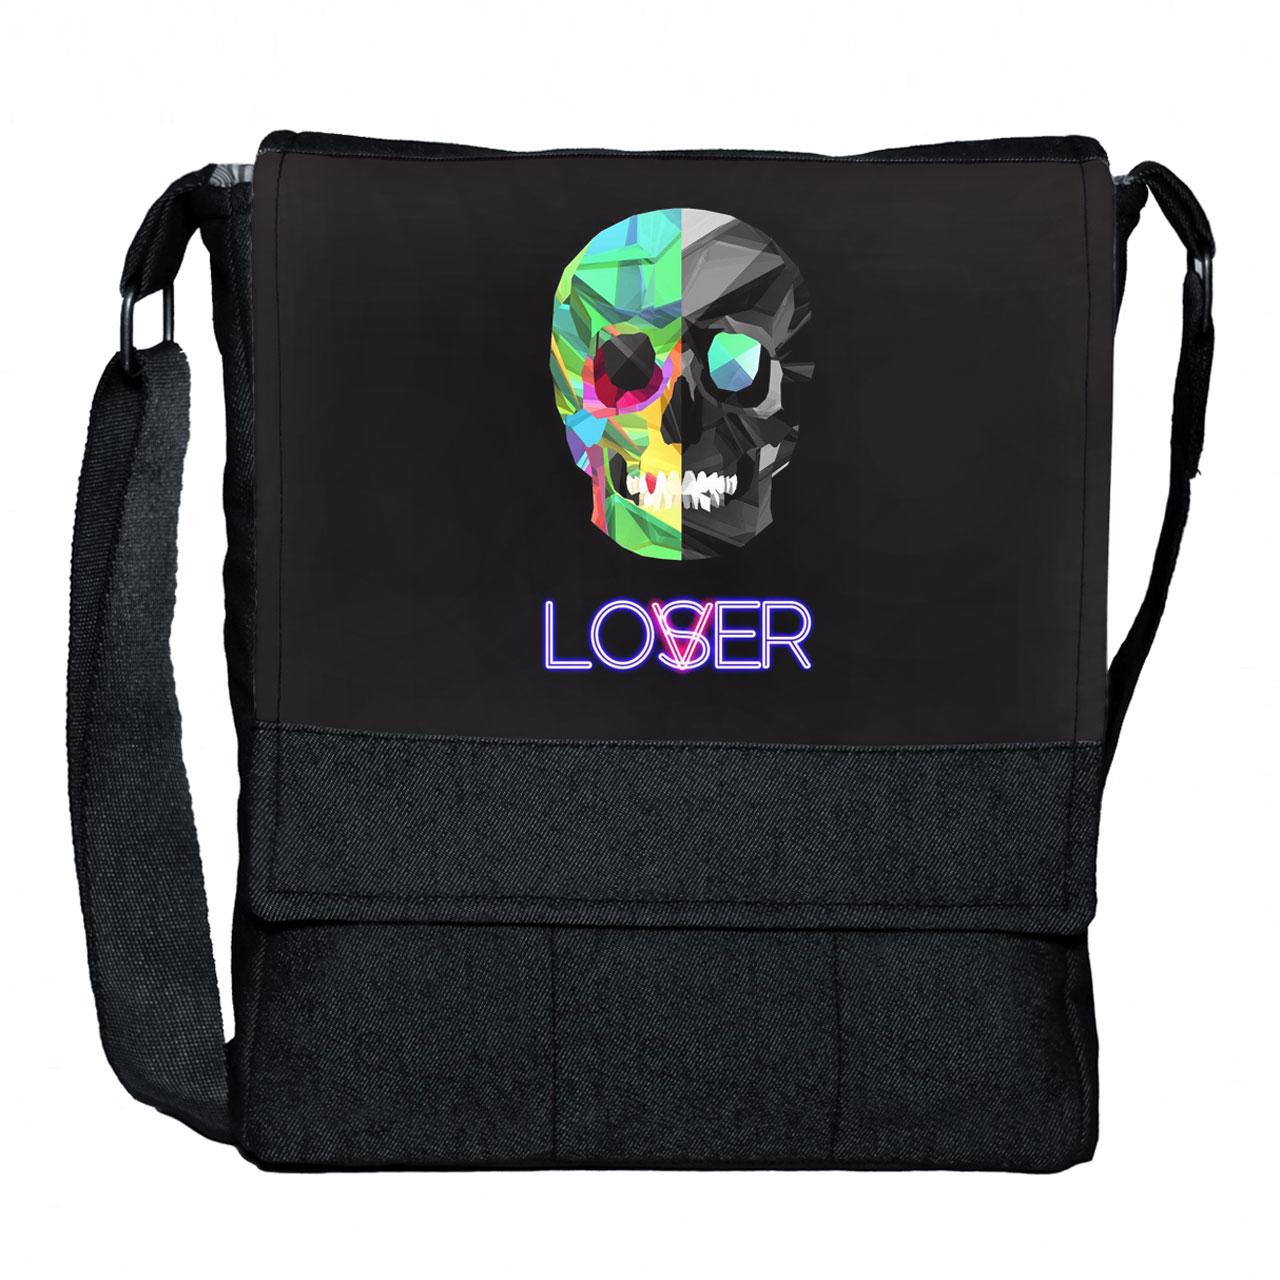 کیف دوشی گالری چی چاپ طرح Loser کد 65701